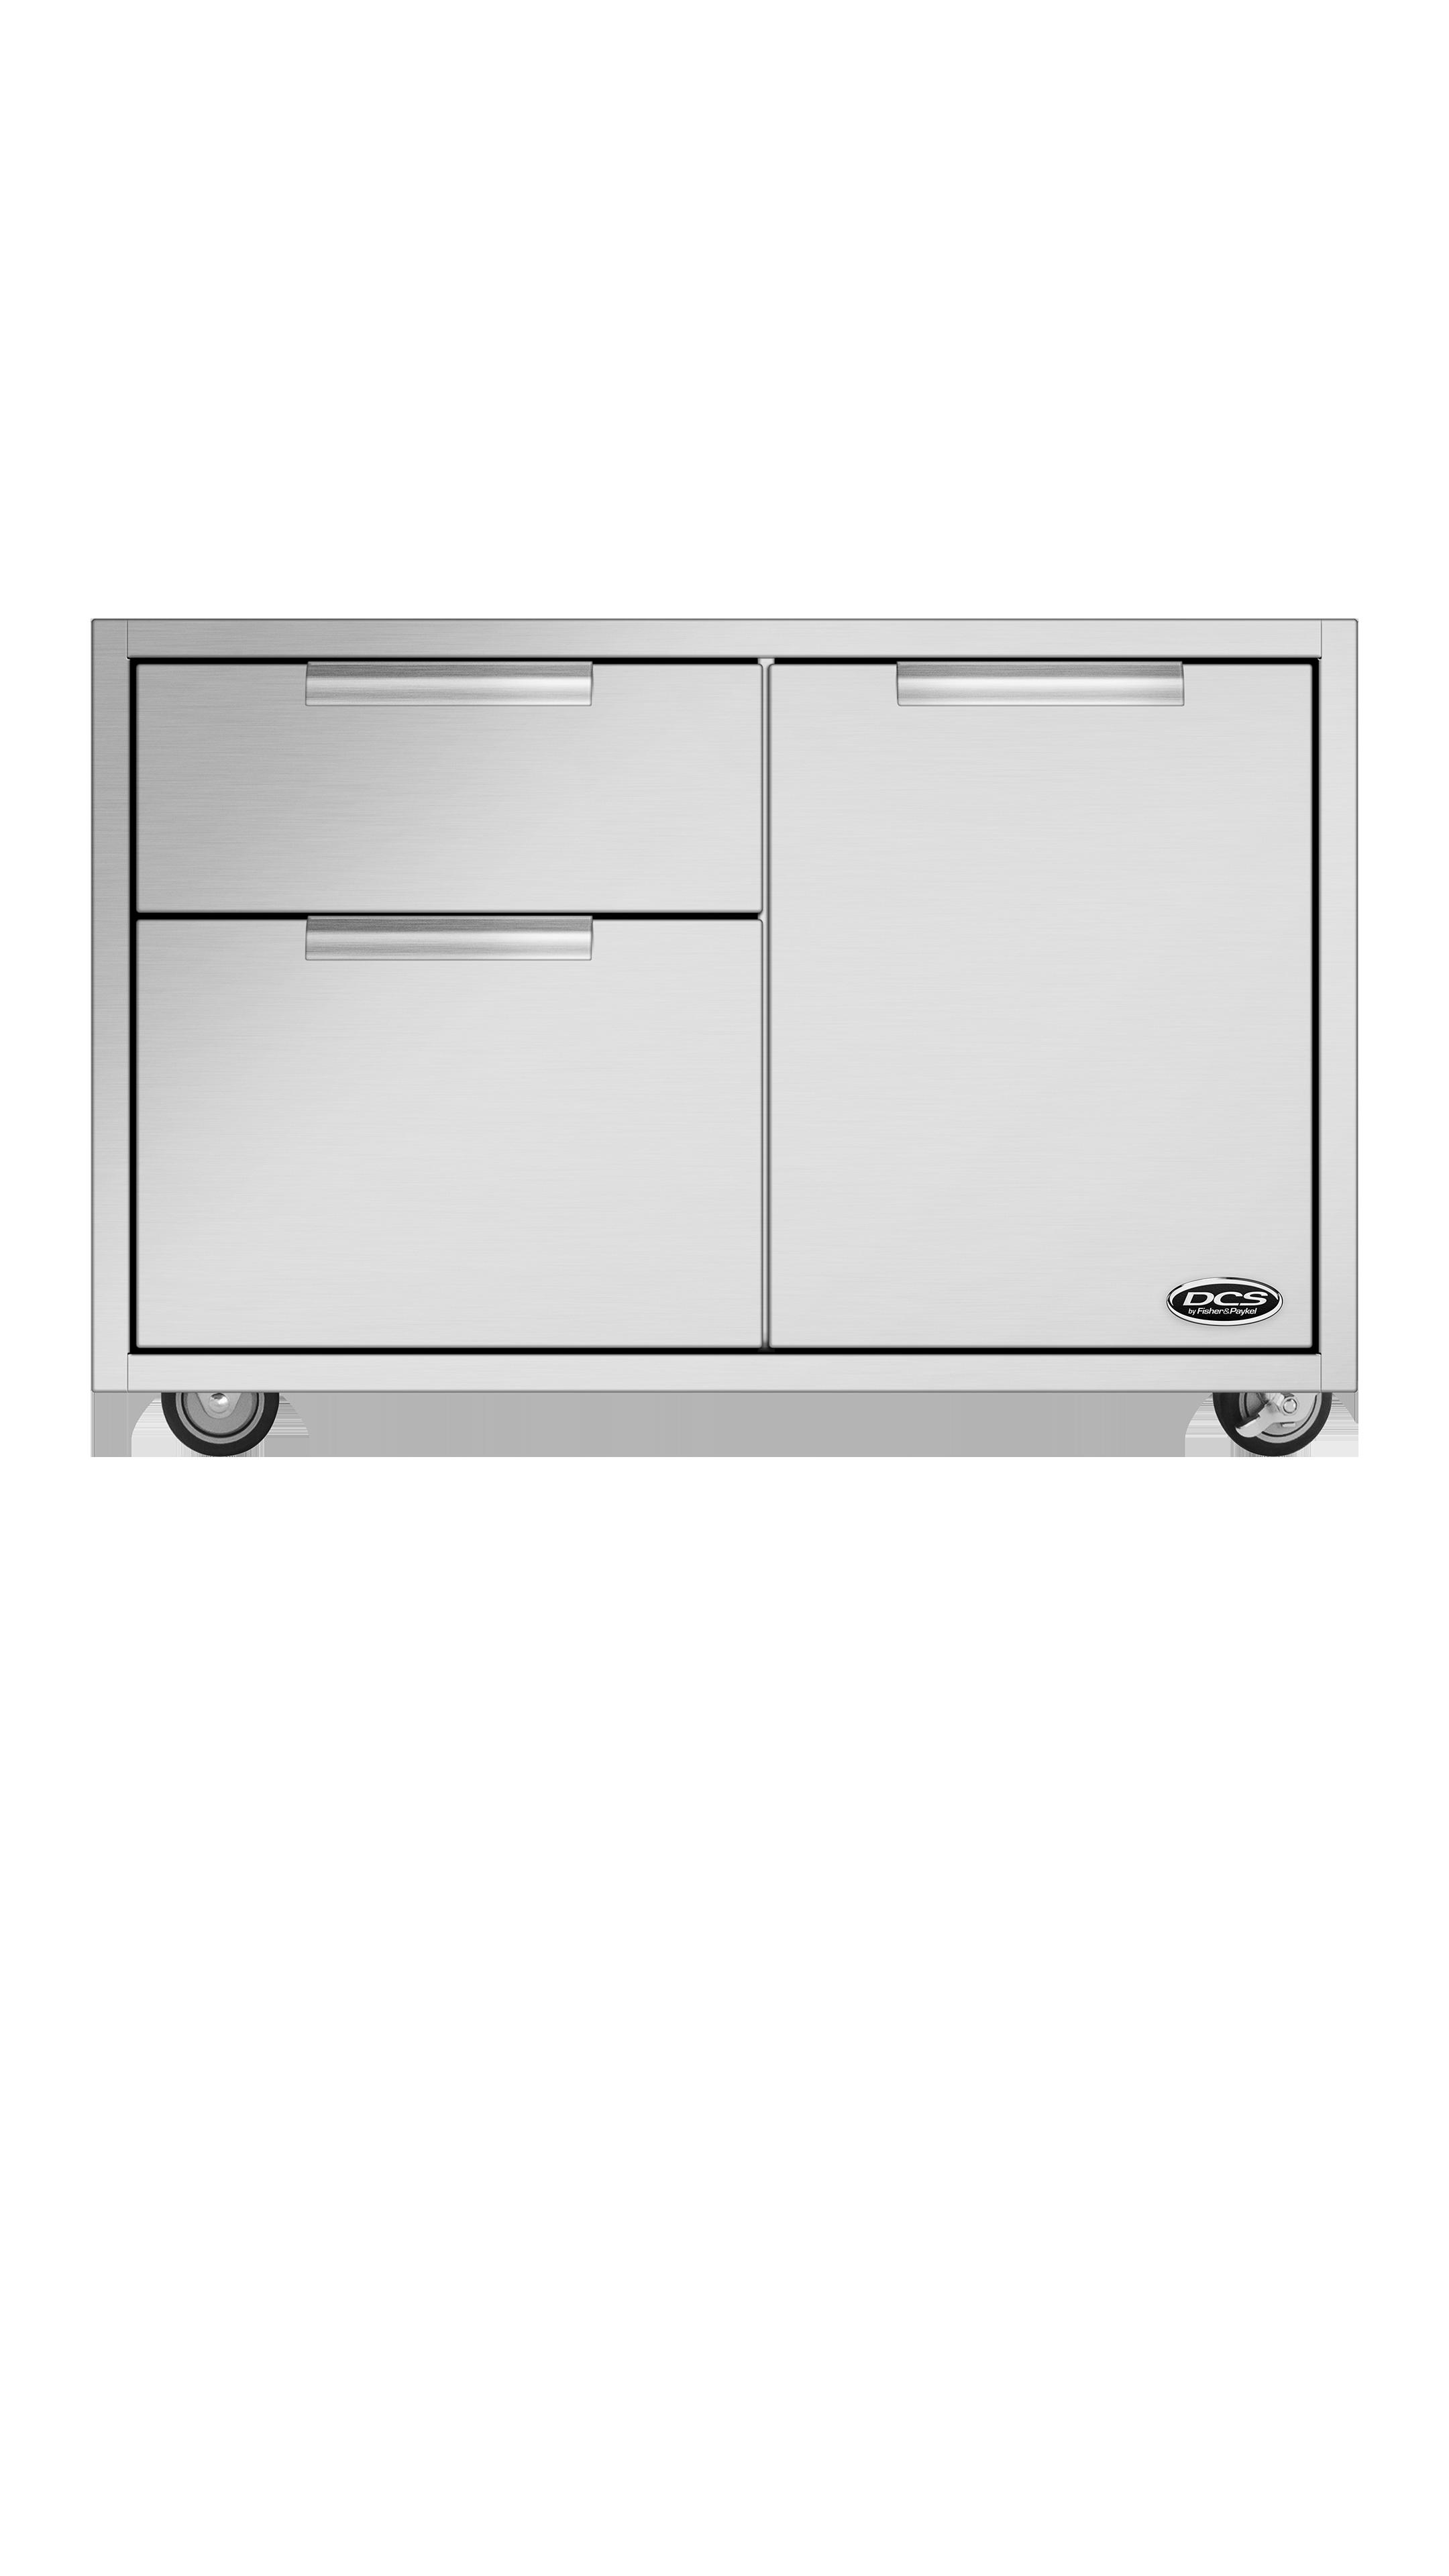 """Model: CAD1-36E   DCS 36"""" Cad Grill Cart, Series 9"""